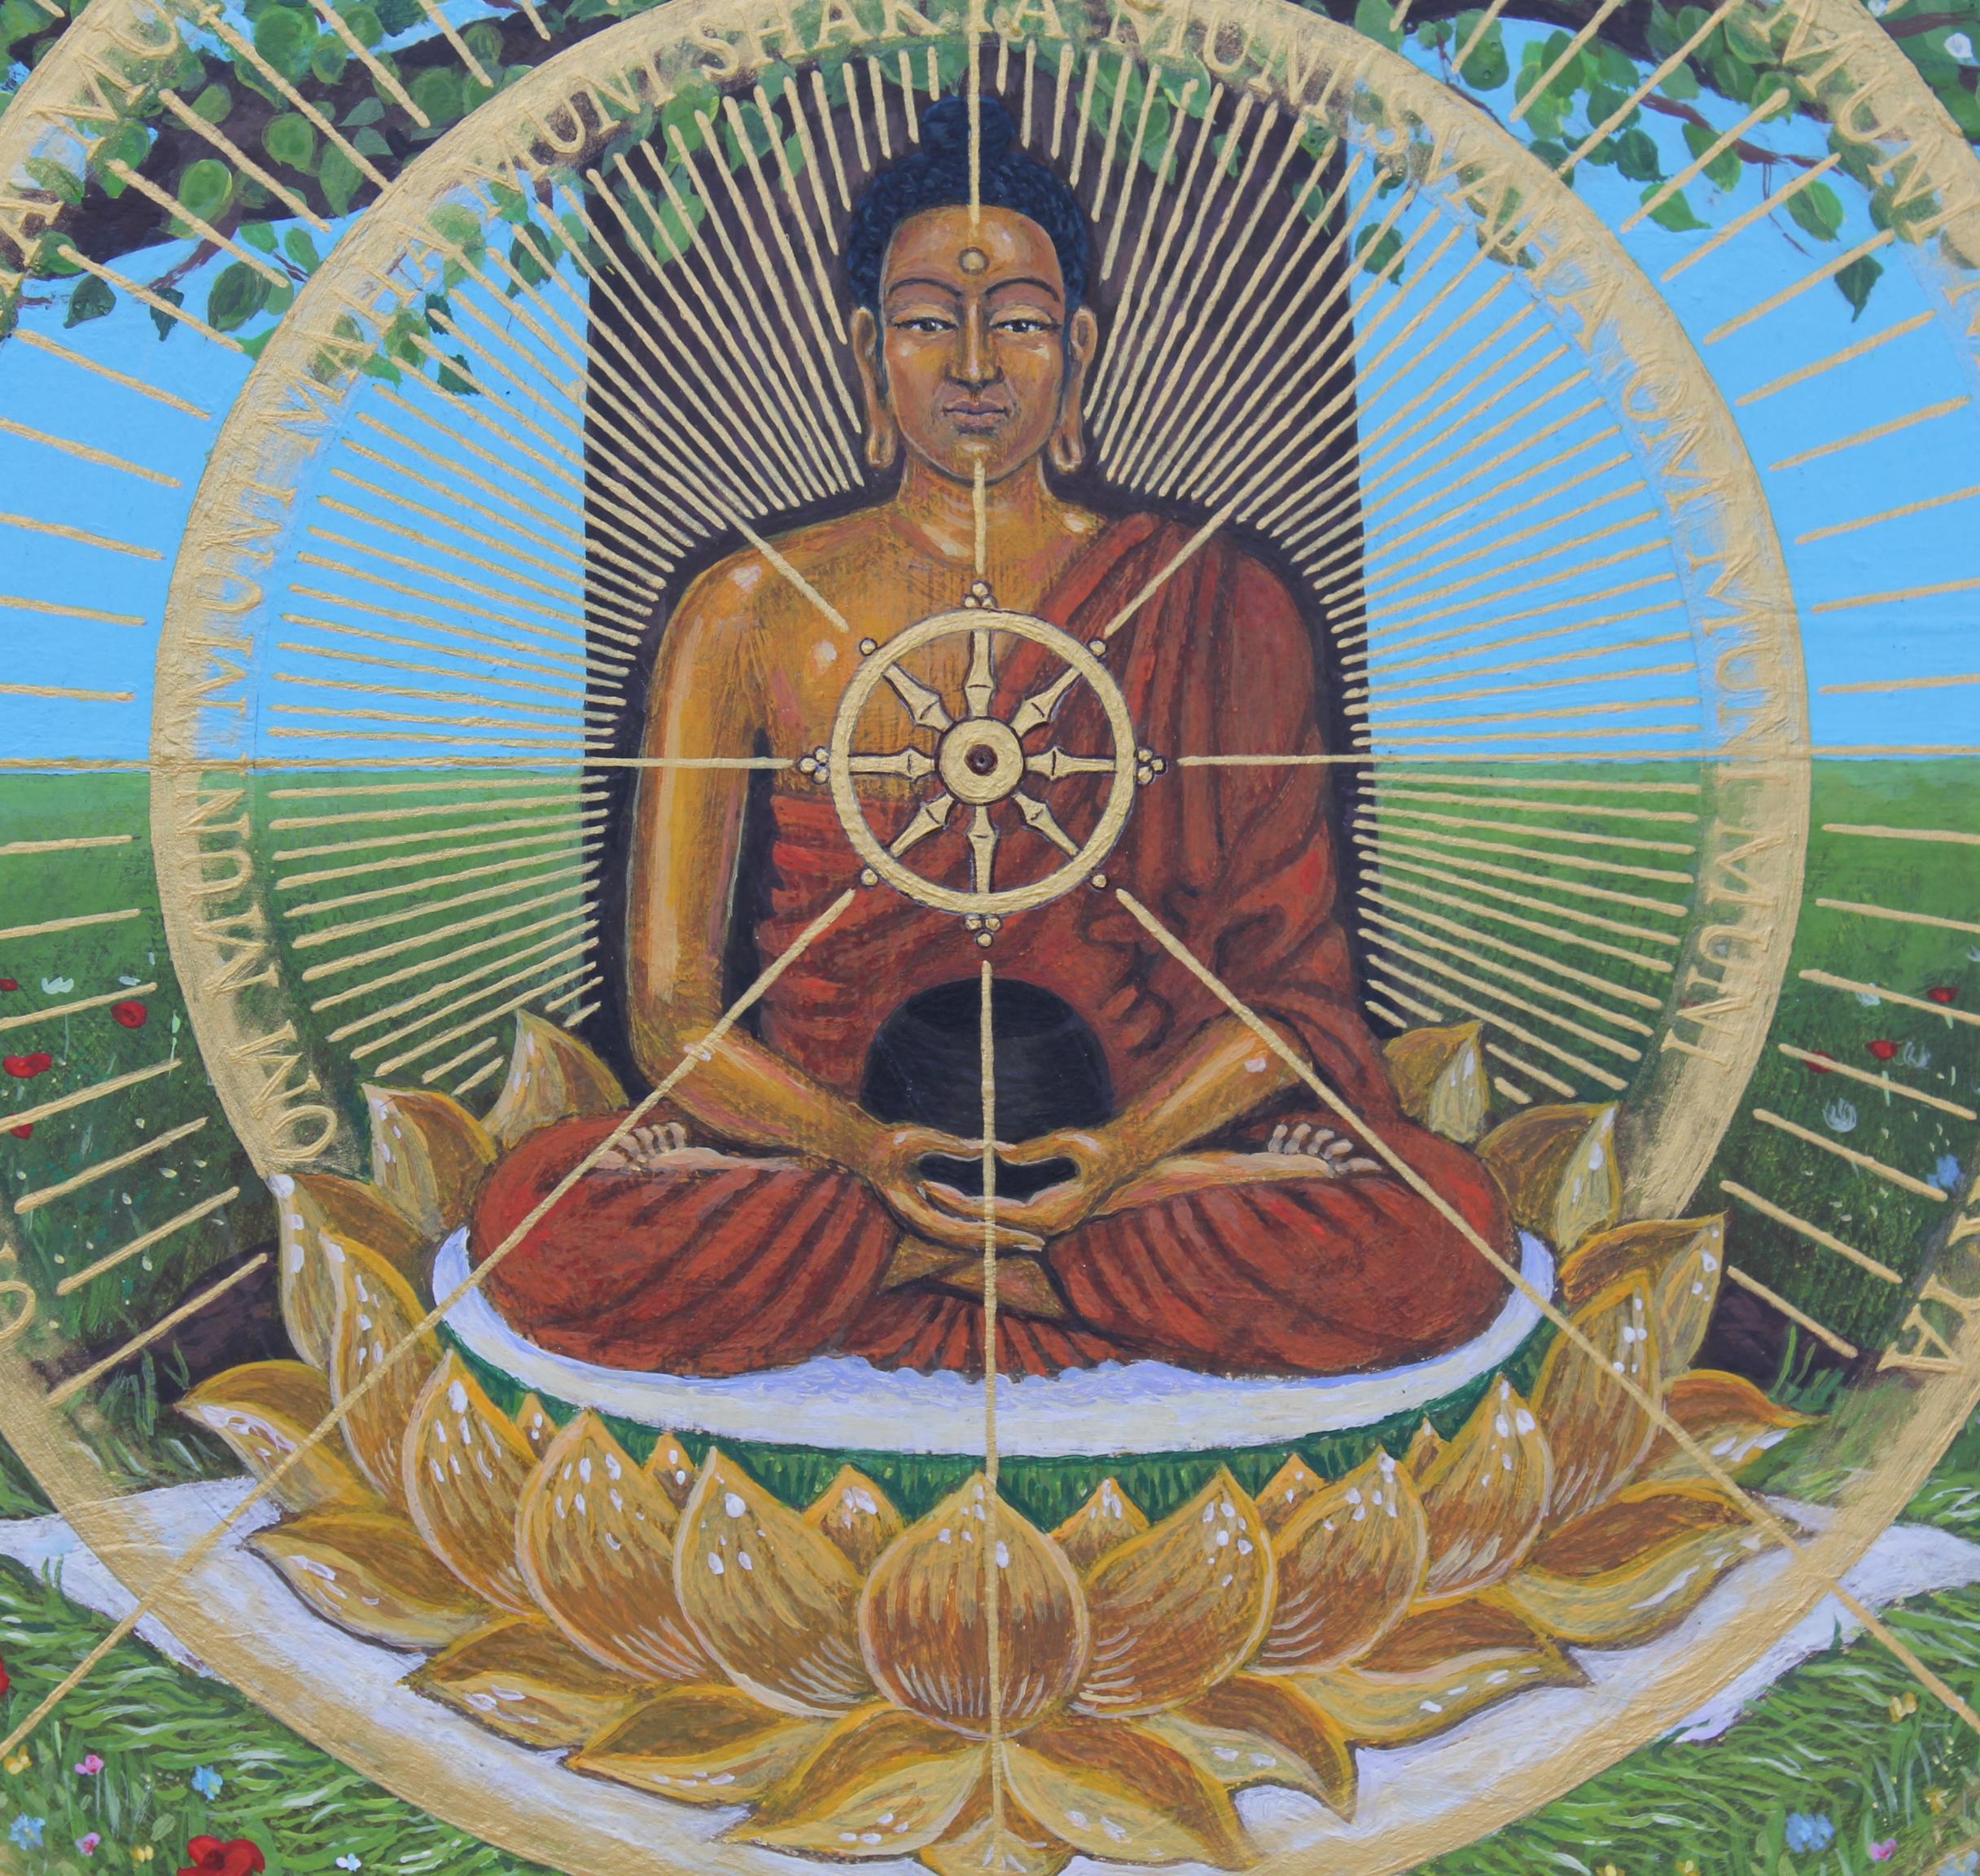 Shakyamuni (detail)